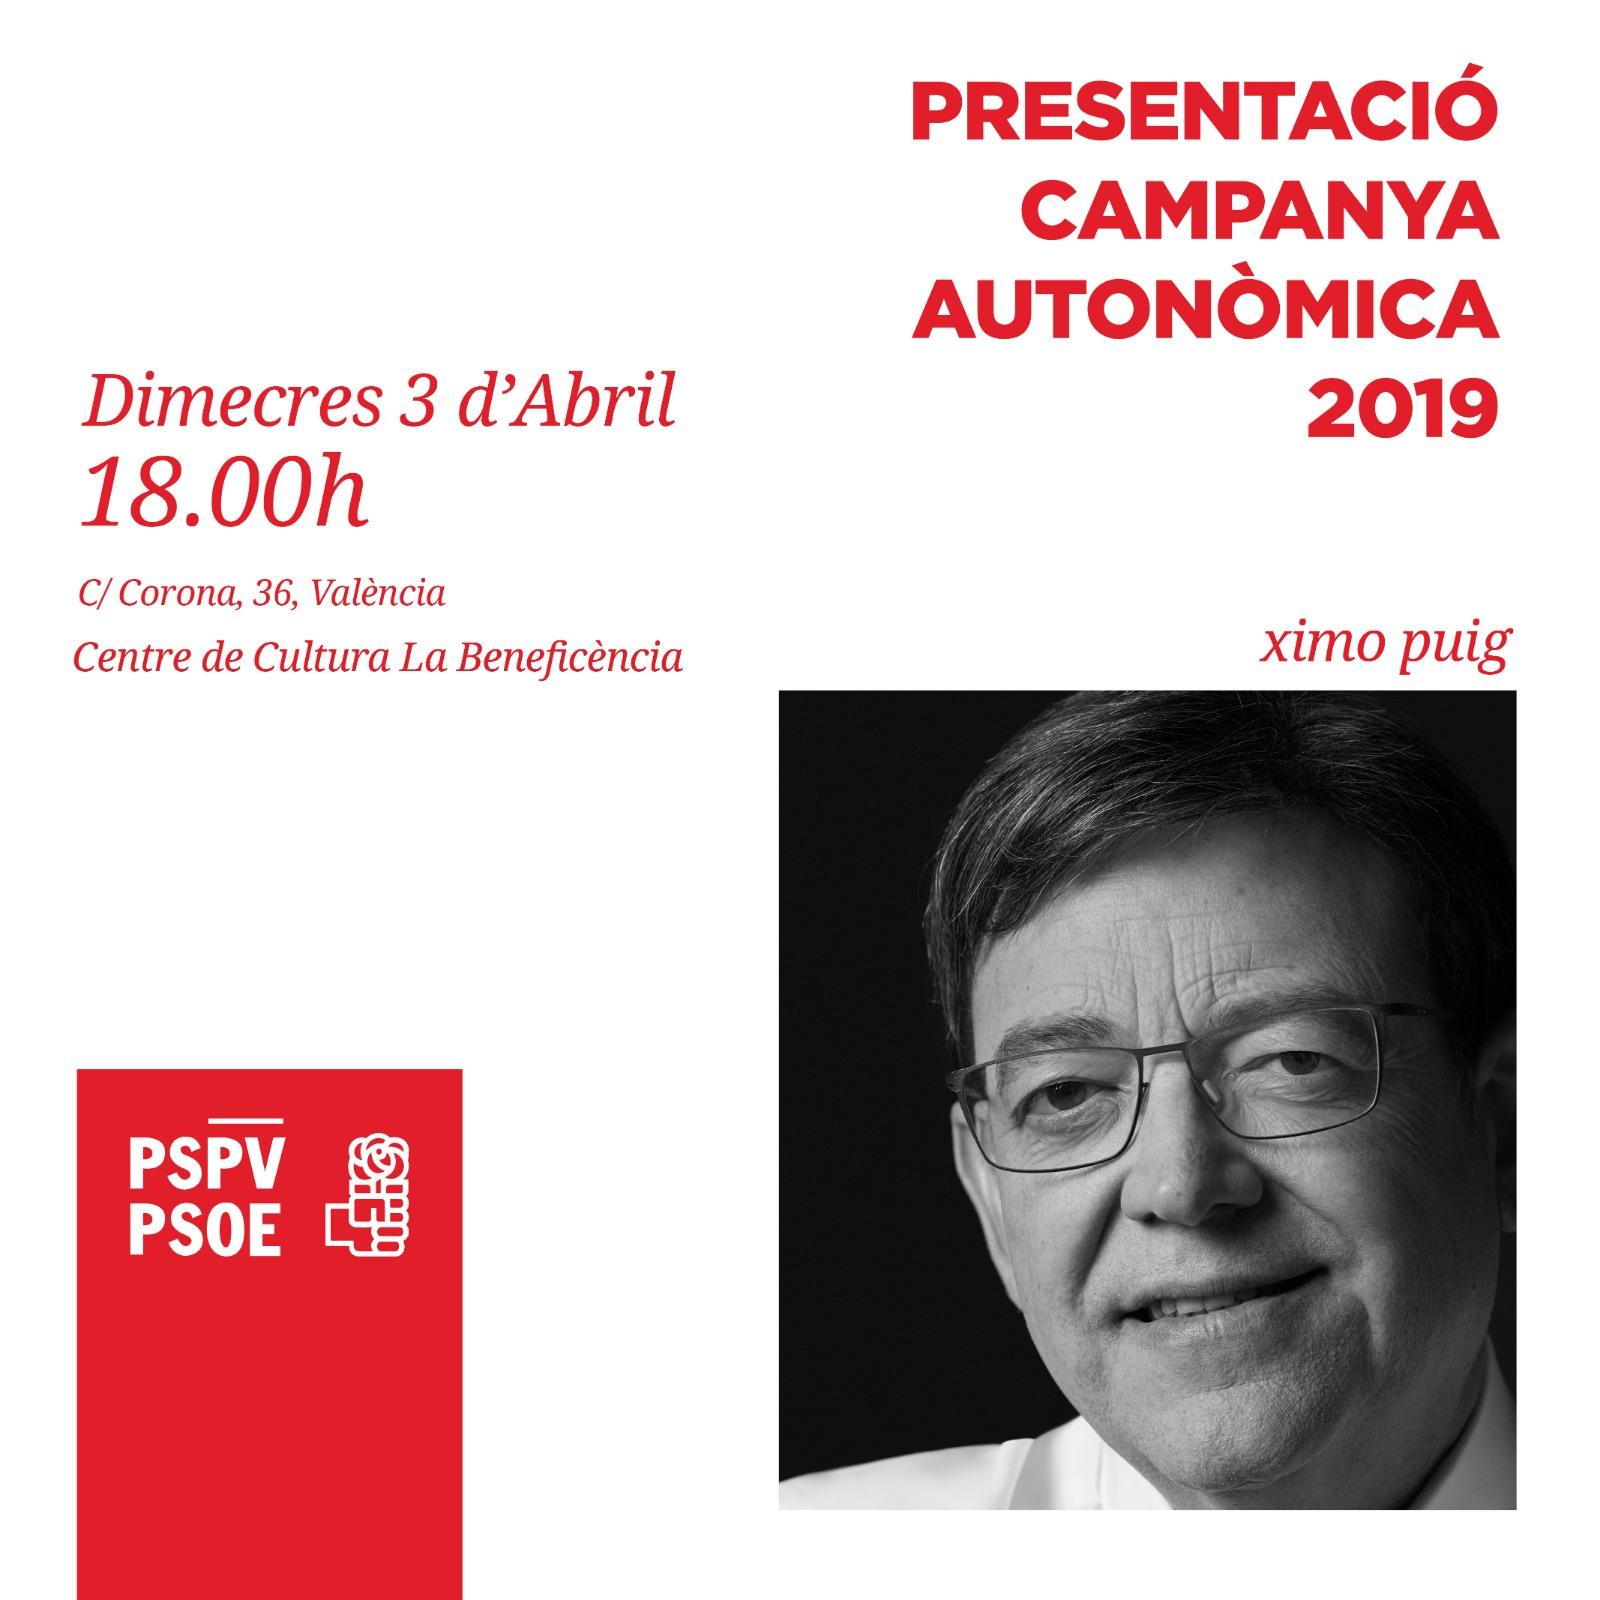 Presentació de la campanya autonòmica 2019 del PSPV-PSOE